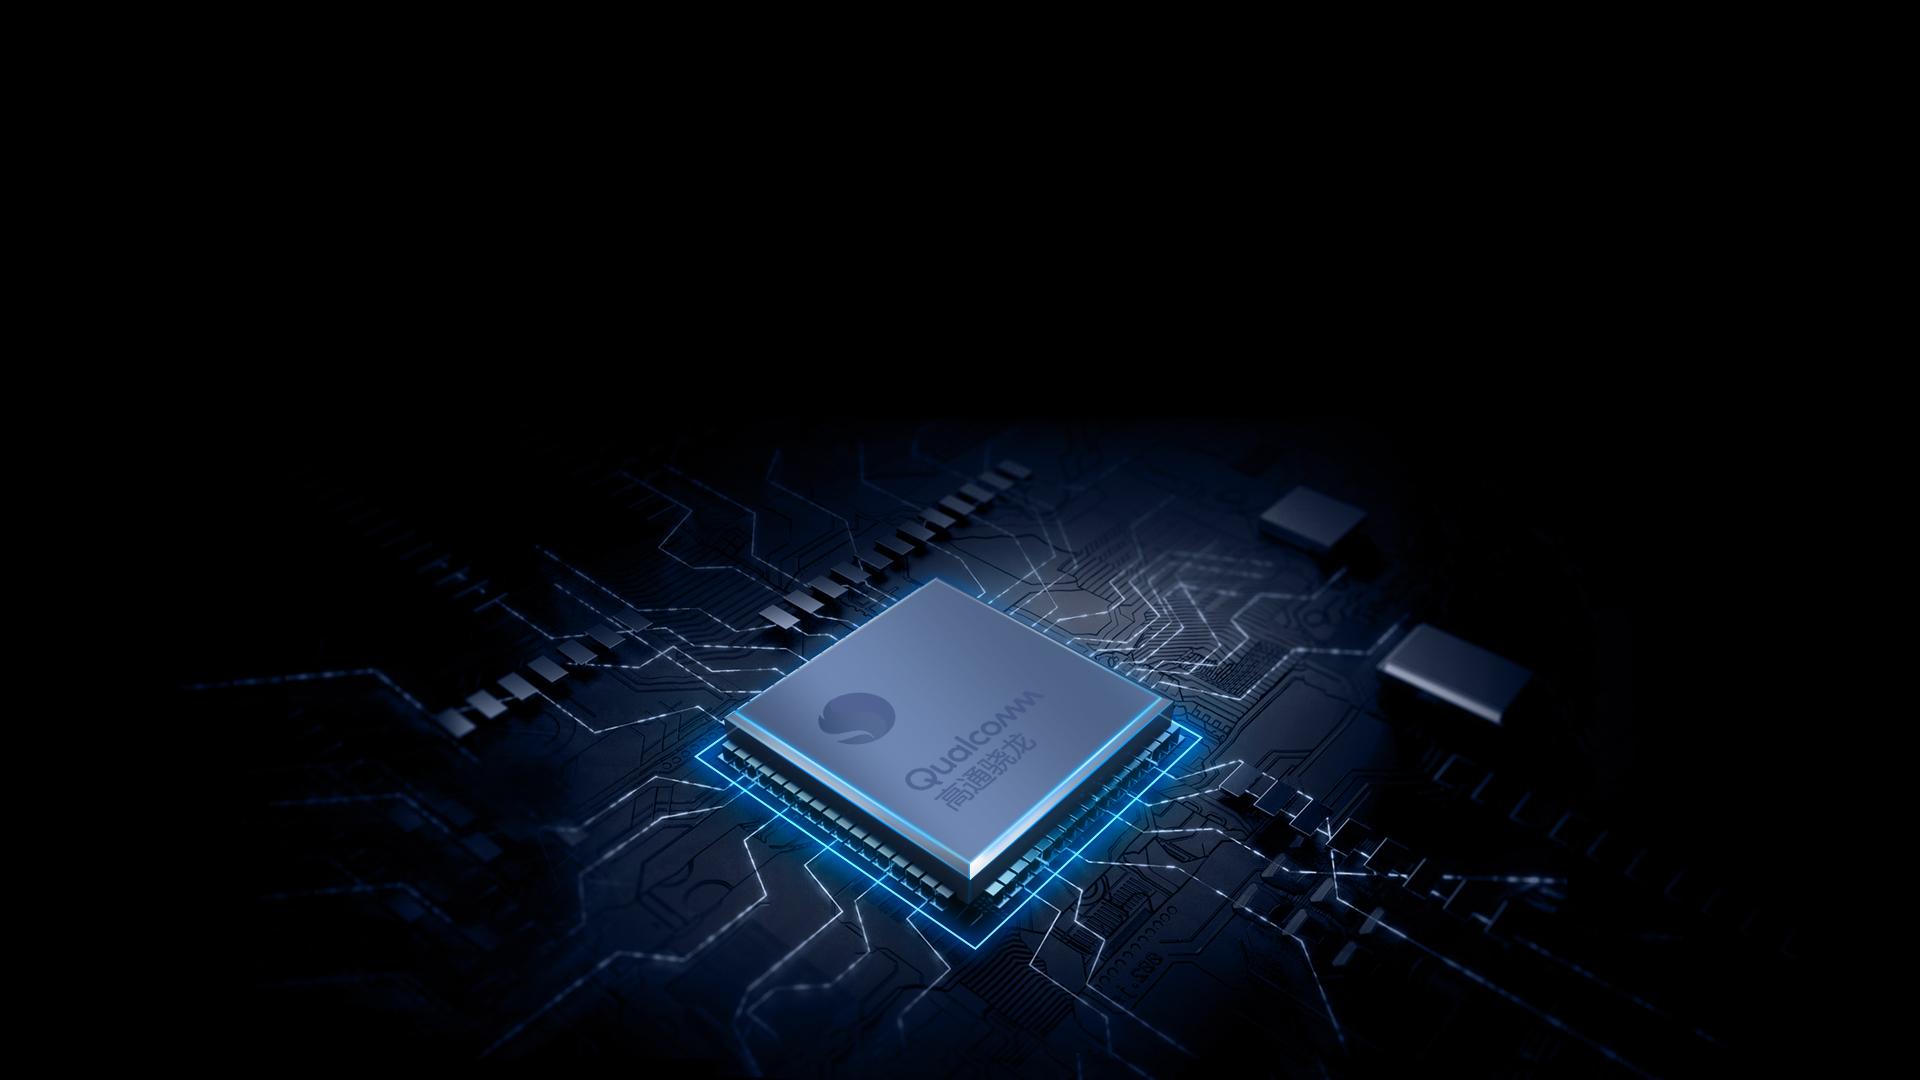 高通骁龙CPU